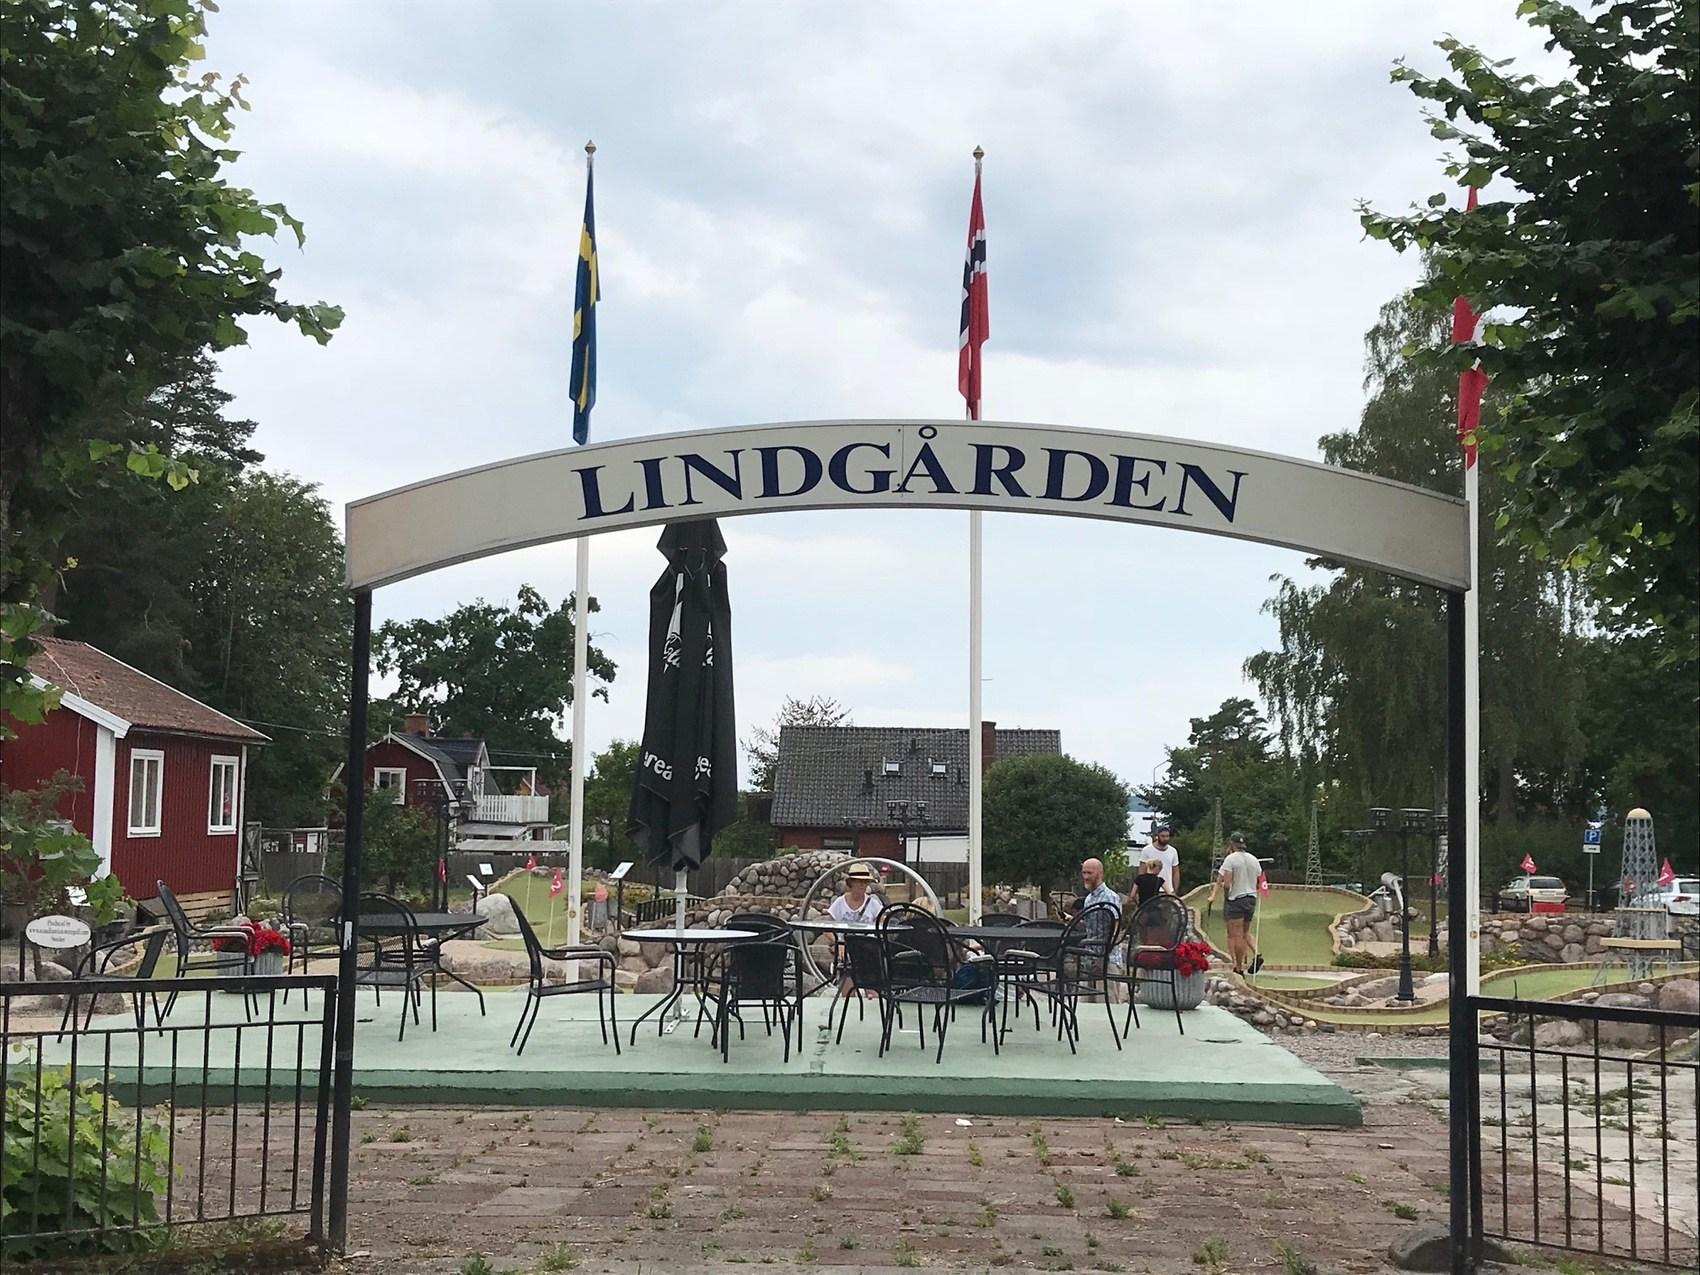 Entré till Lindgårdens äventyrsgolf